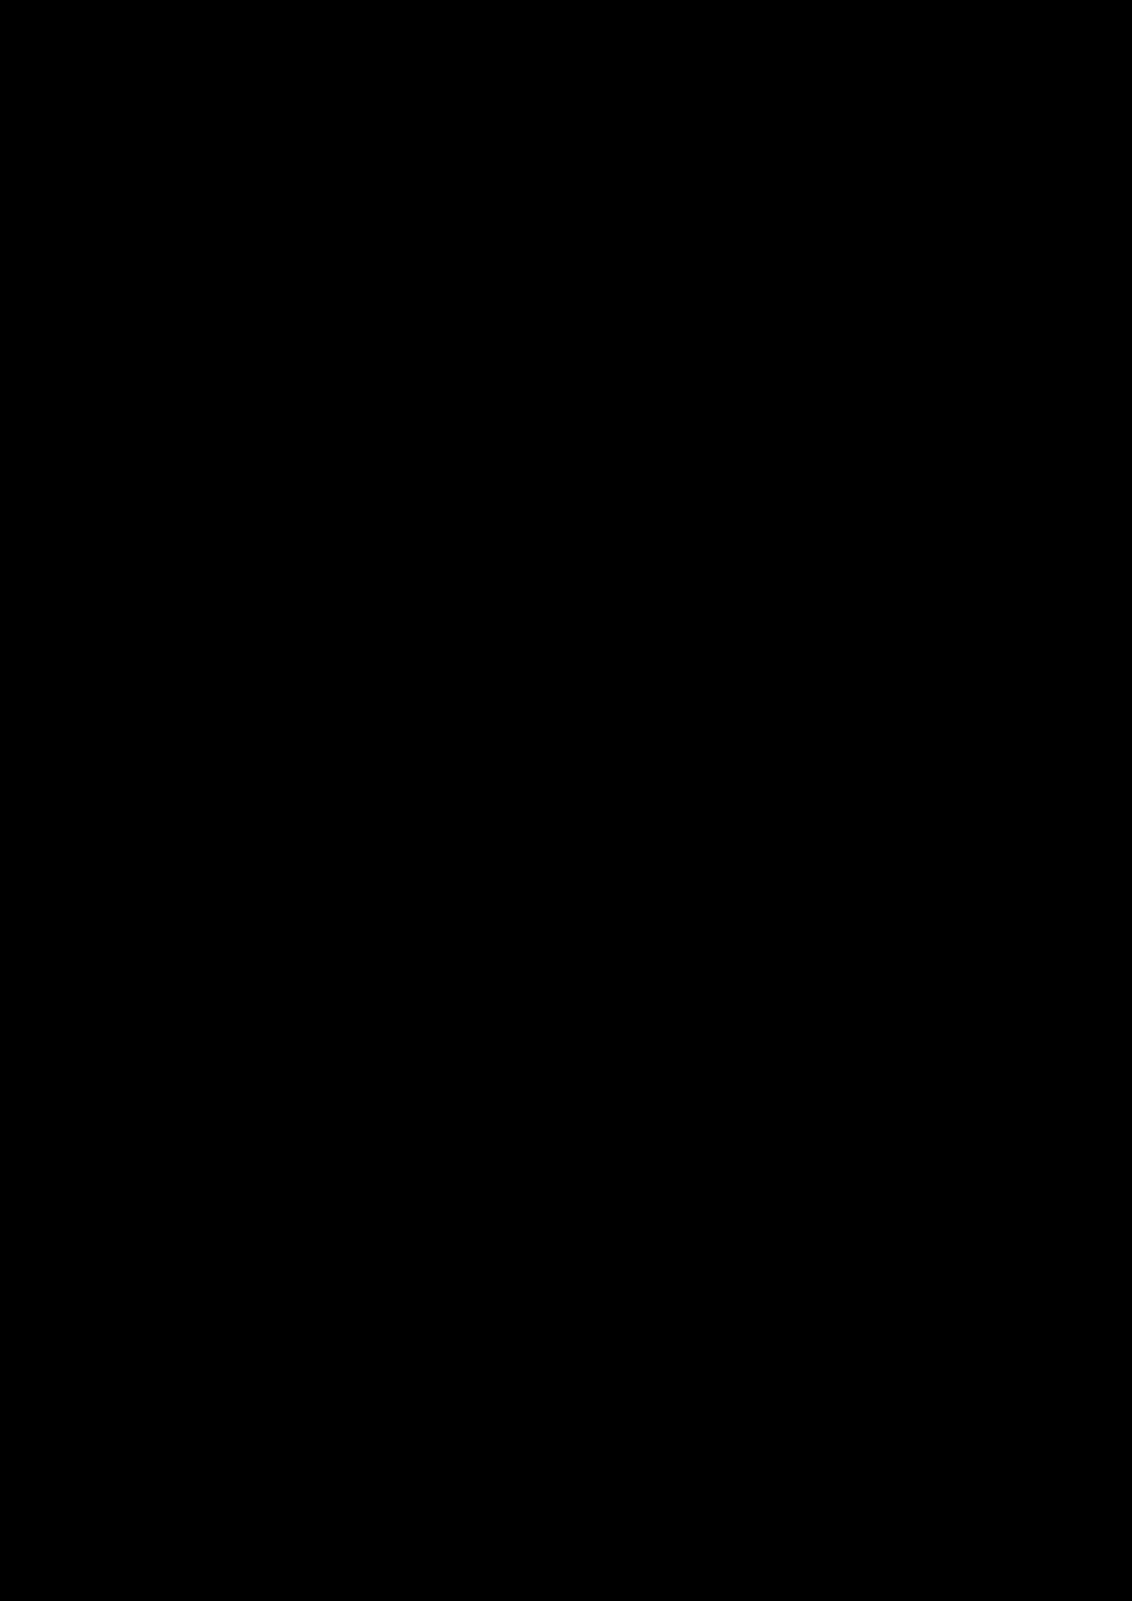 Hools slide, Image 23